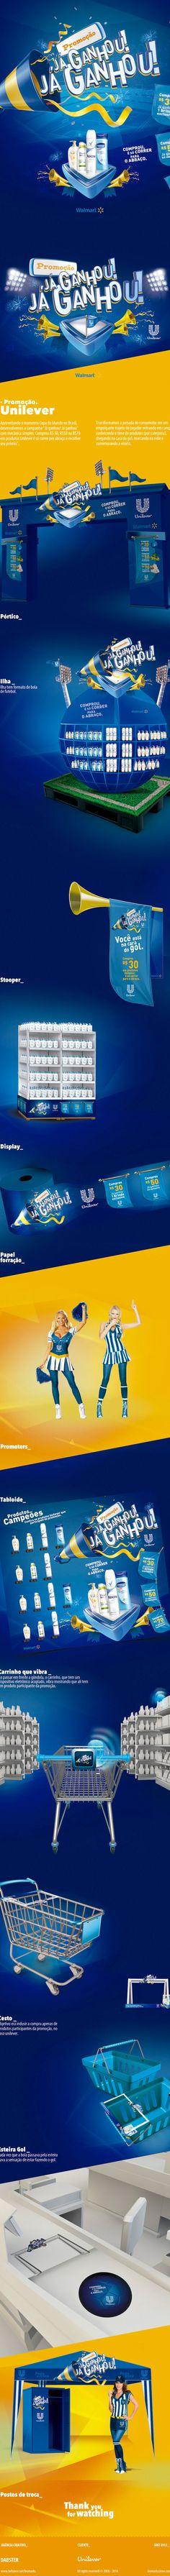 Unilever // Promoção